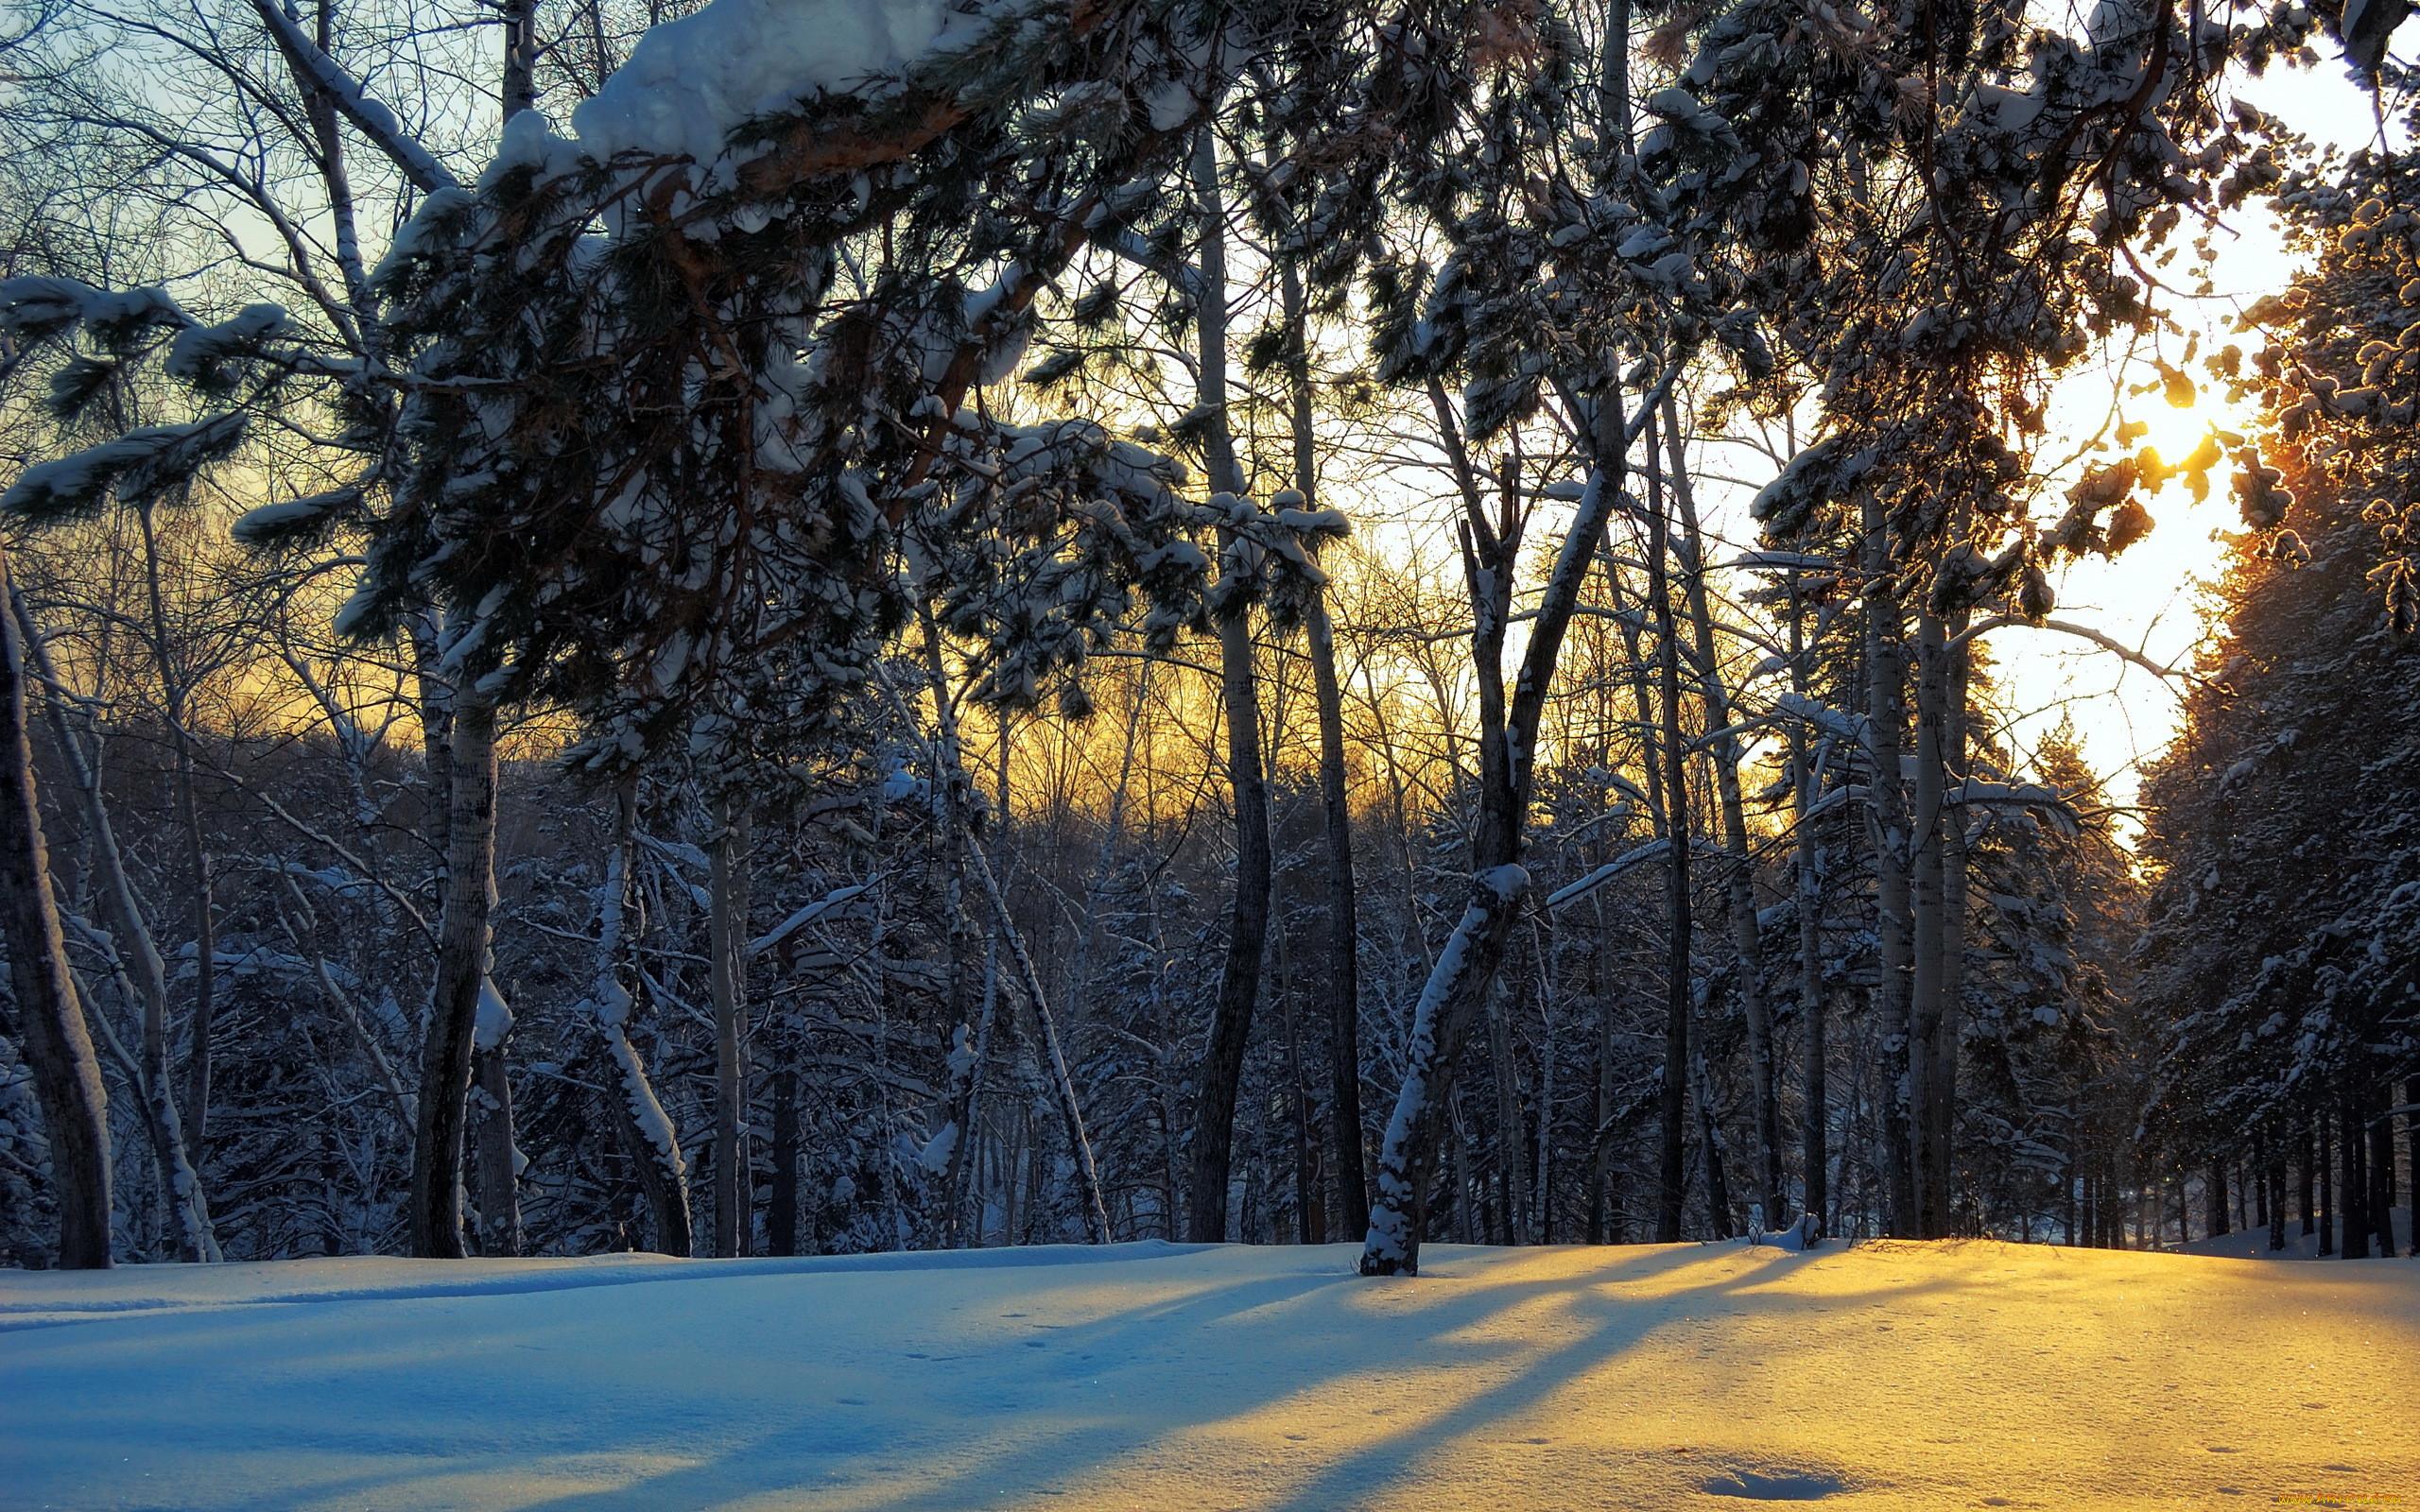 картинка зимней лесной поляны бразилии